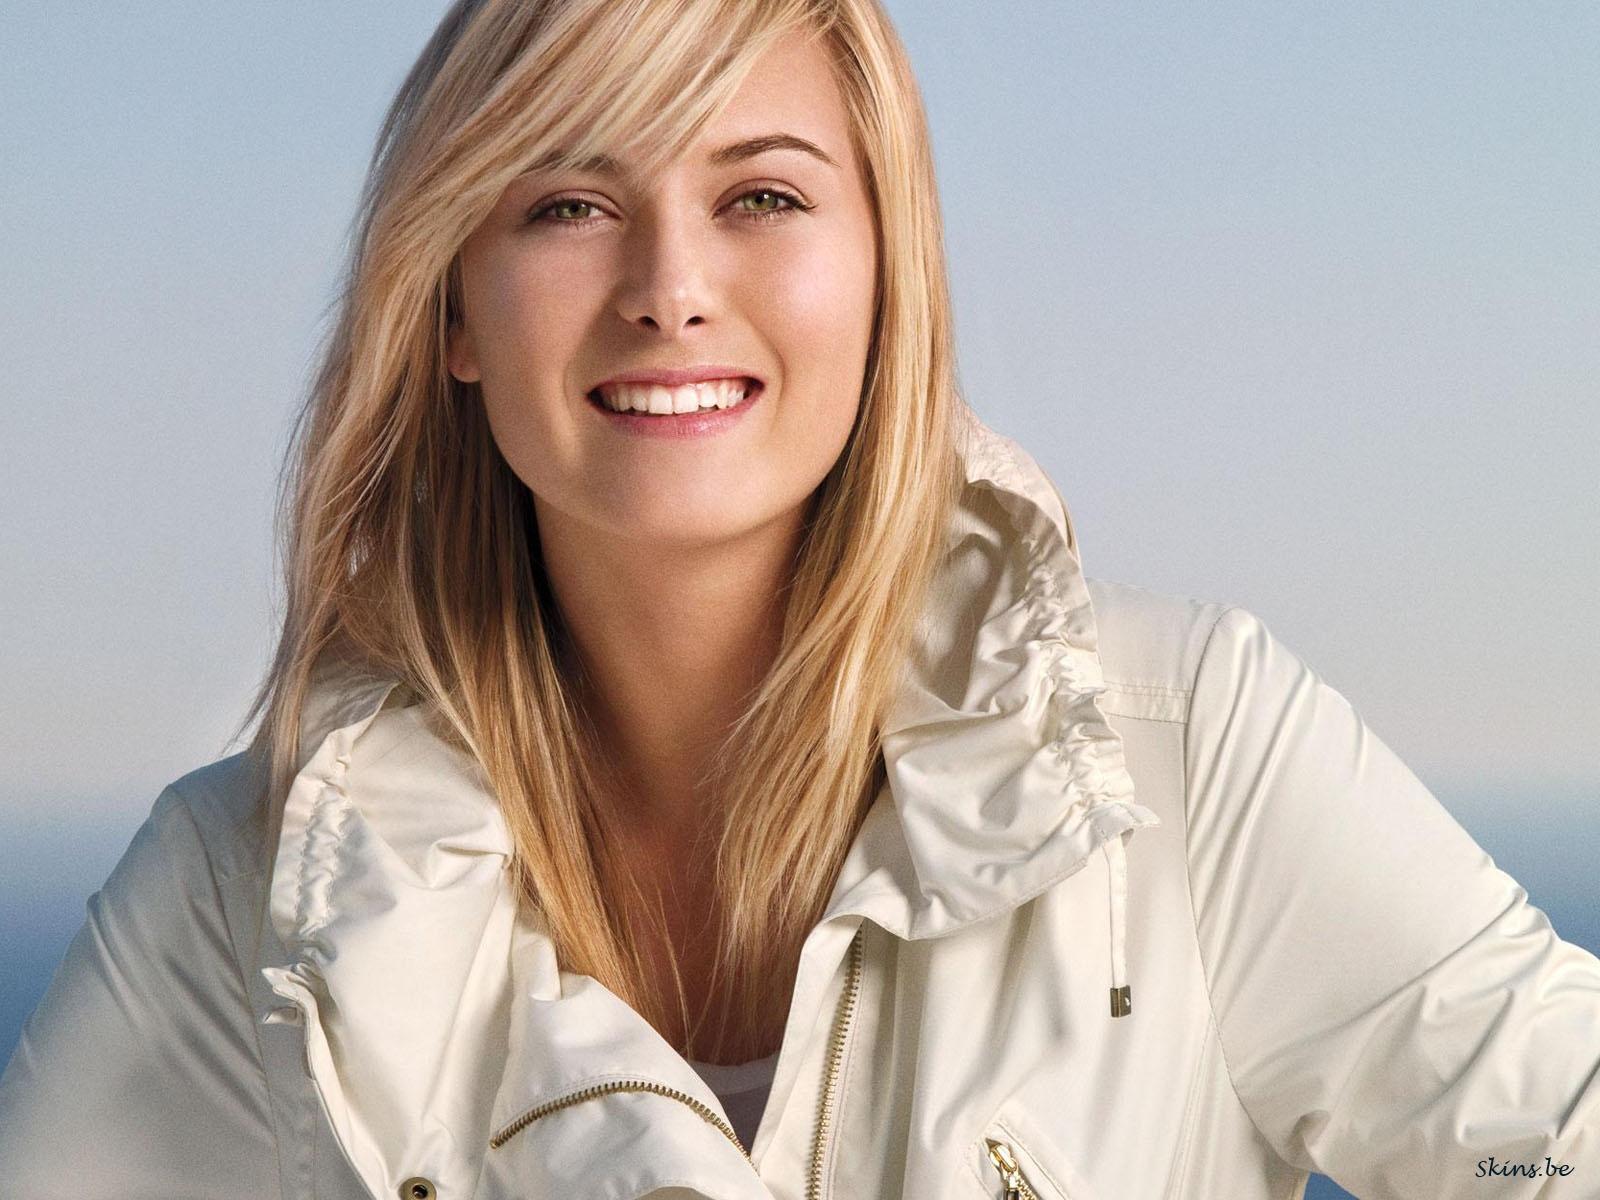 http://2.bp.blogspot.com/-8JINpNEPRg0/TZjGWSJPV3I/AAAAAAAABNQ/bFqtxJUT2P4/s1600/Maria+Sharapova+%252846%2529.jpg